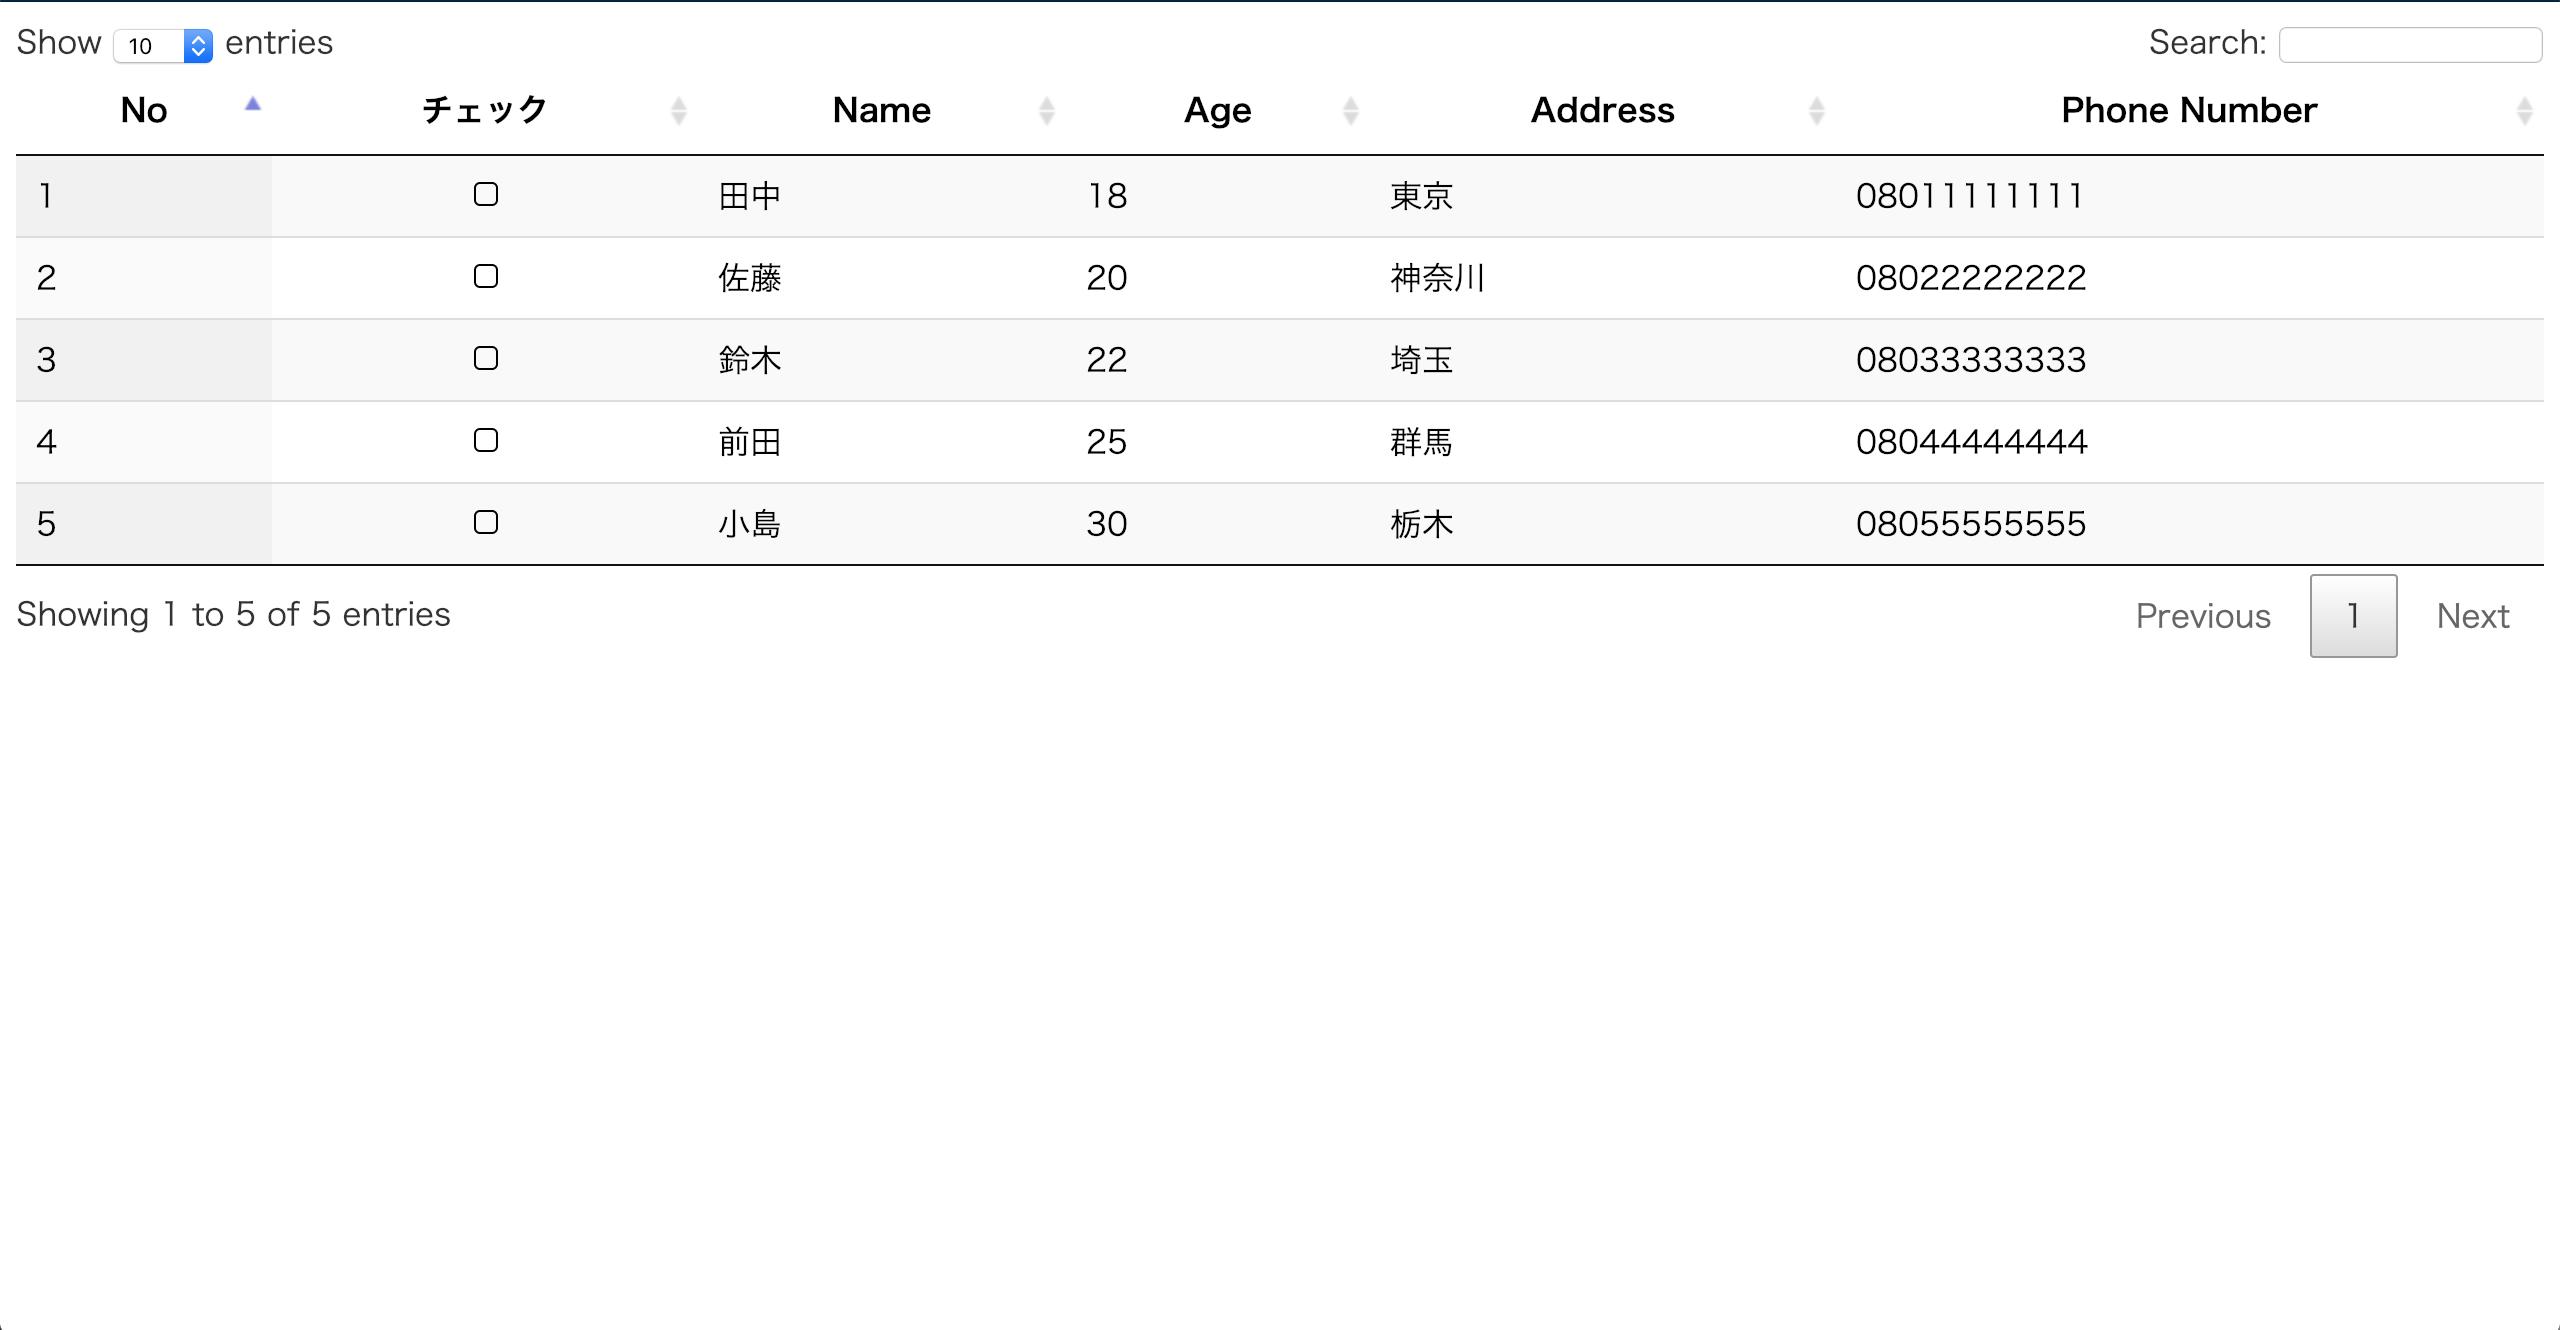 スクリーンショット 2019-01-27 13.58.01.png